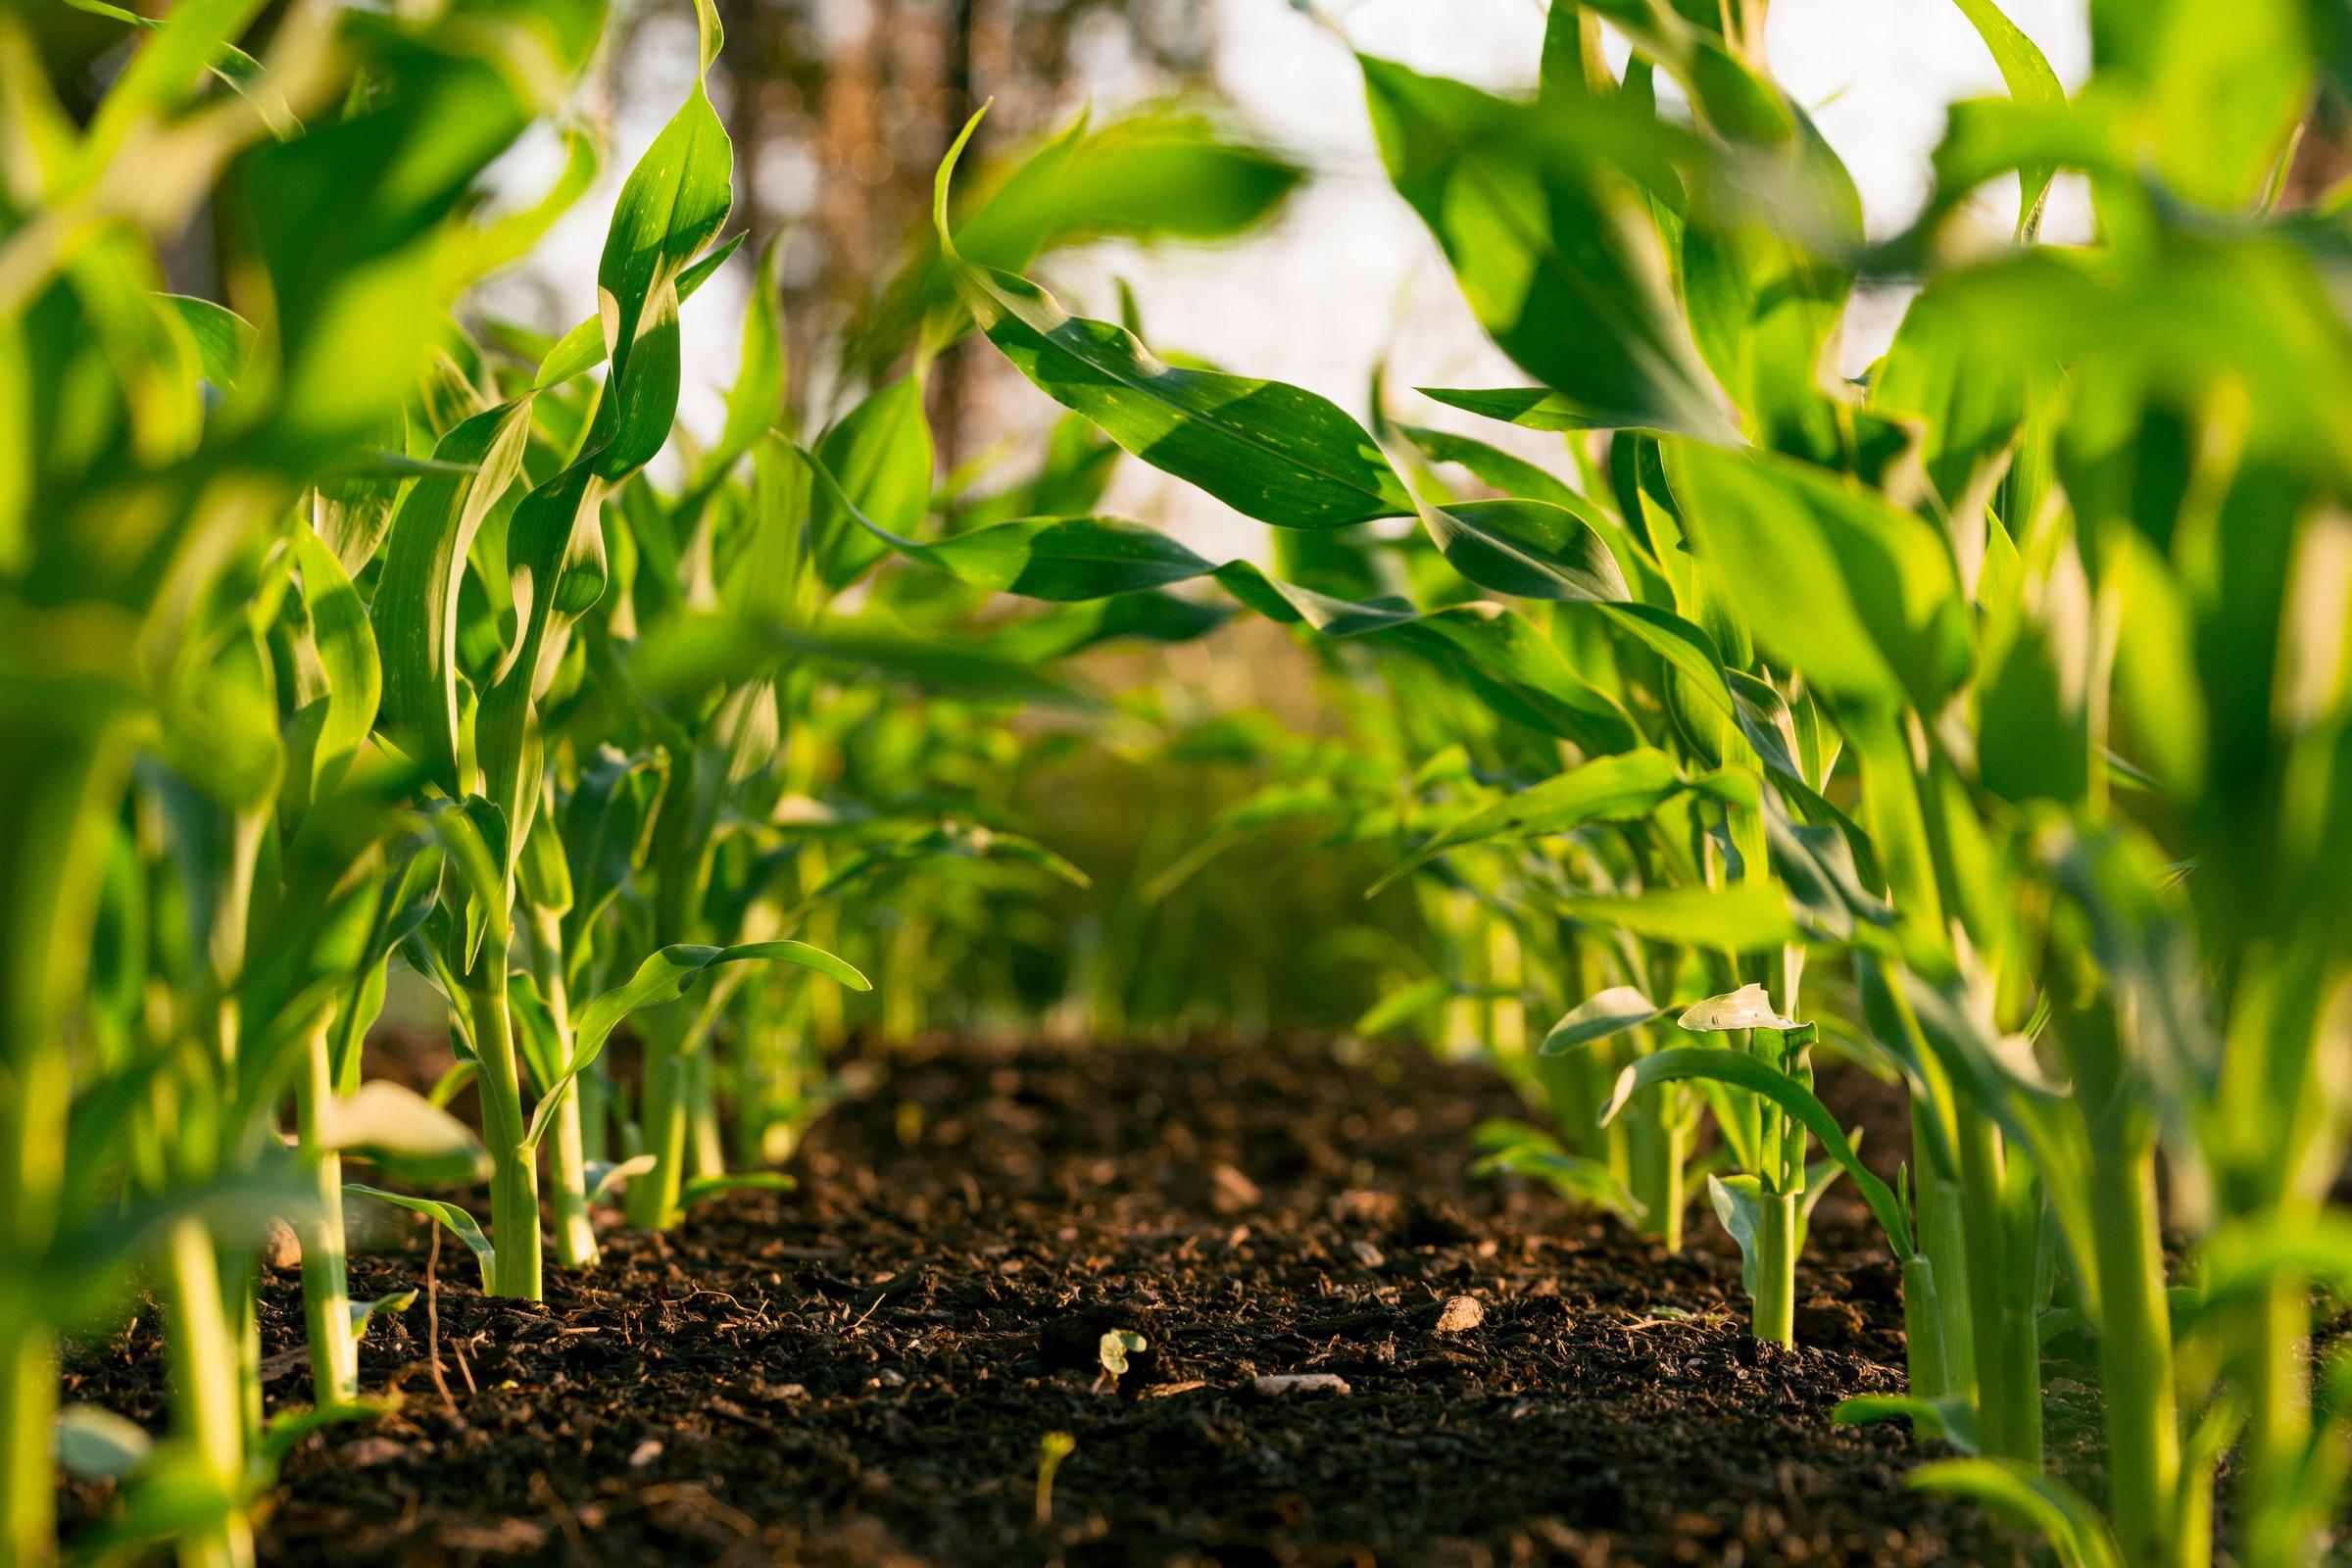 ریسک بازاریابی یا بازار فروش در کشاورزی